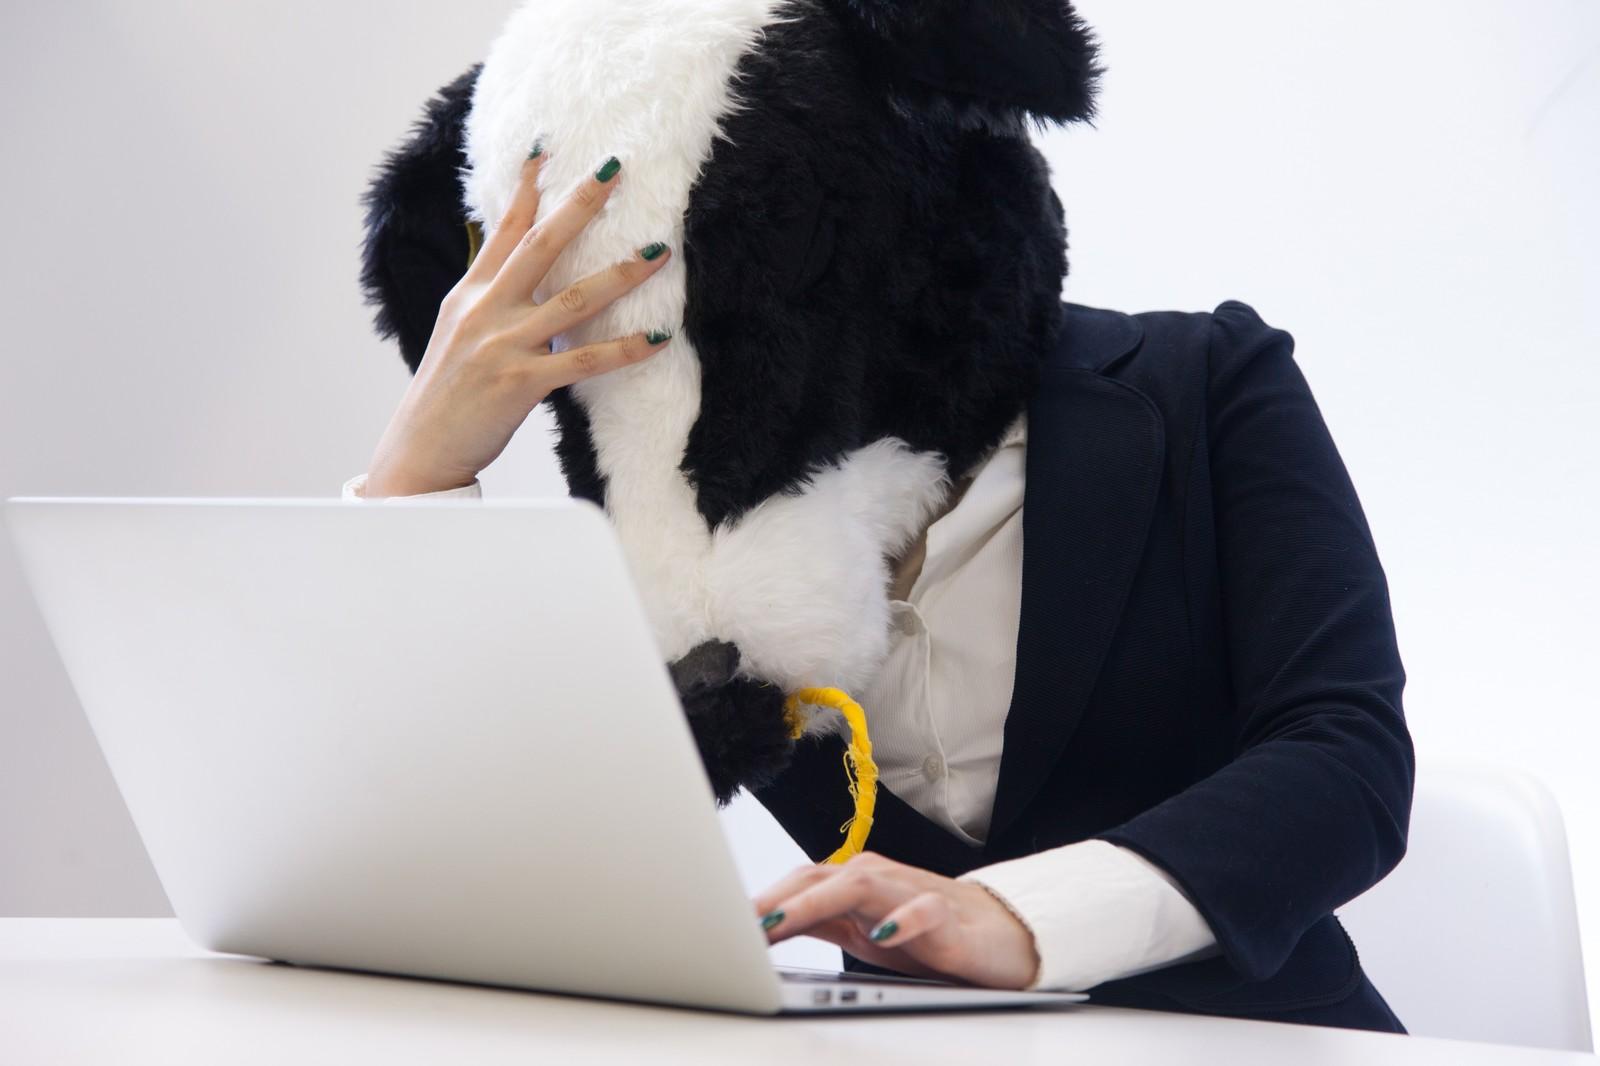 仕事で使うPCは必ず同じスペック、環境、設定で代替のPC端末を用意しておくのがオススメ